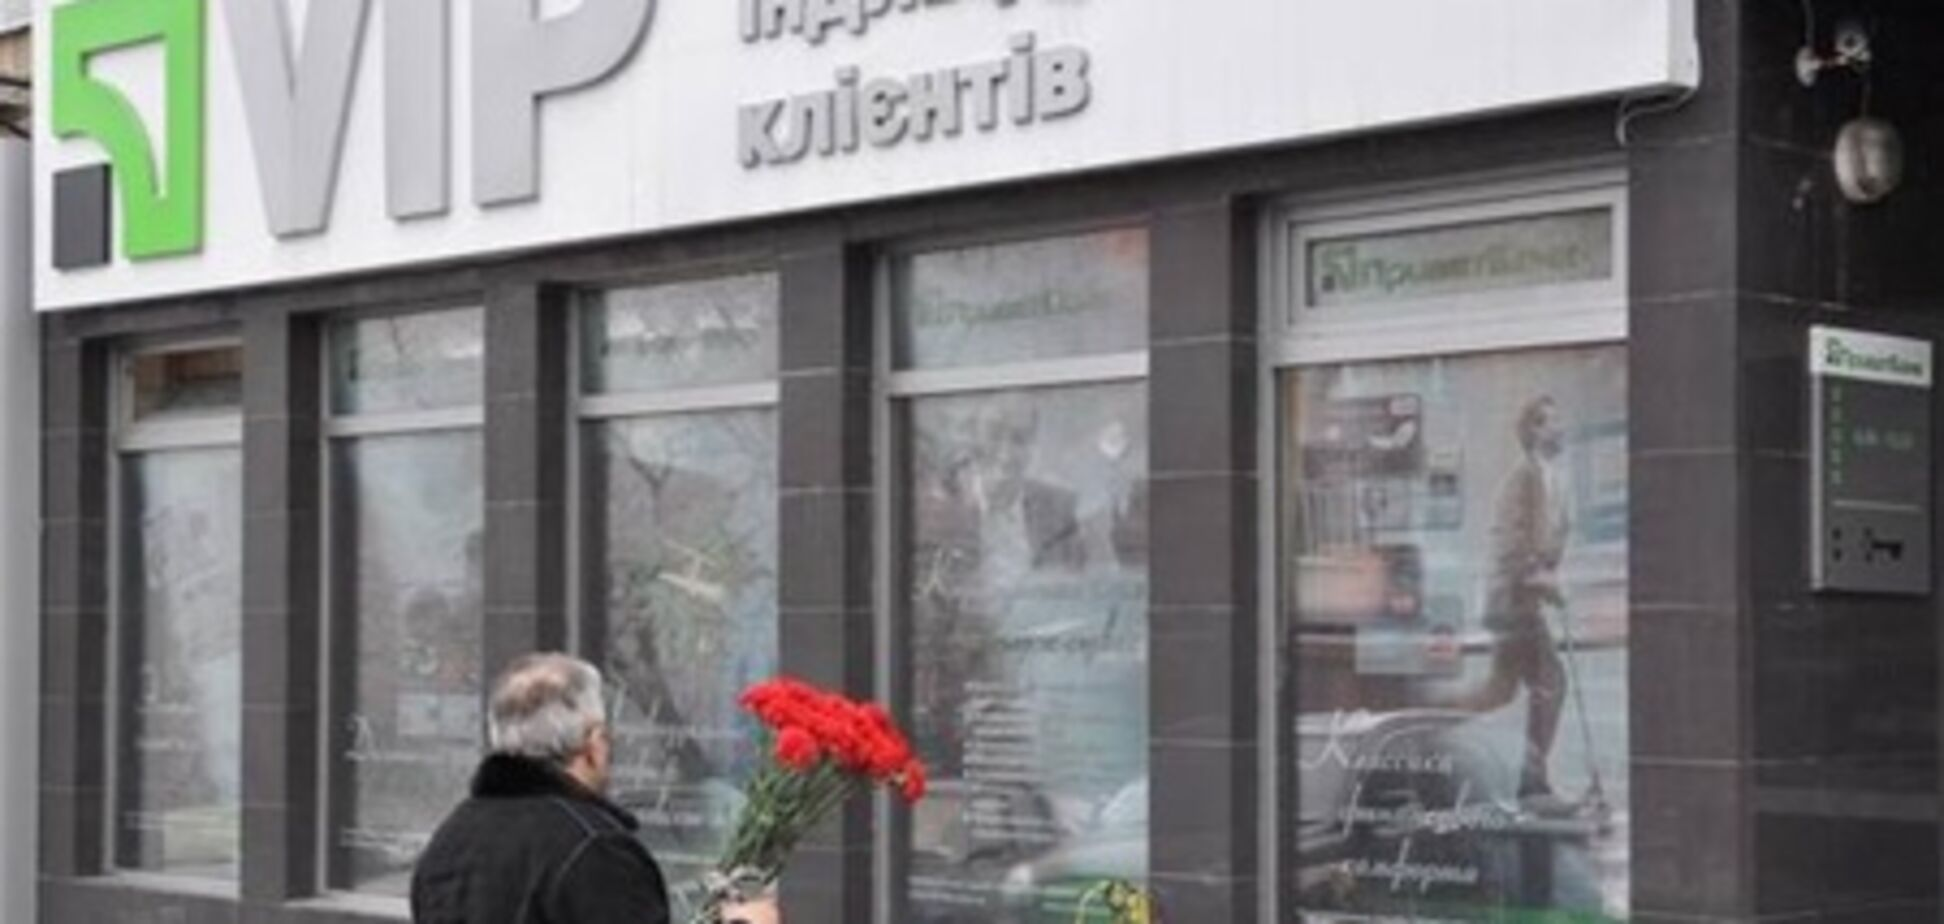 МВД: вина подозреваемых в убийстве работников 'Приватбанка' почти доказана